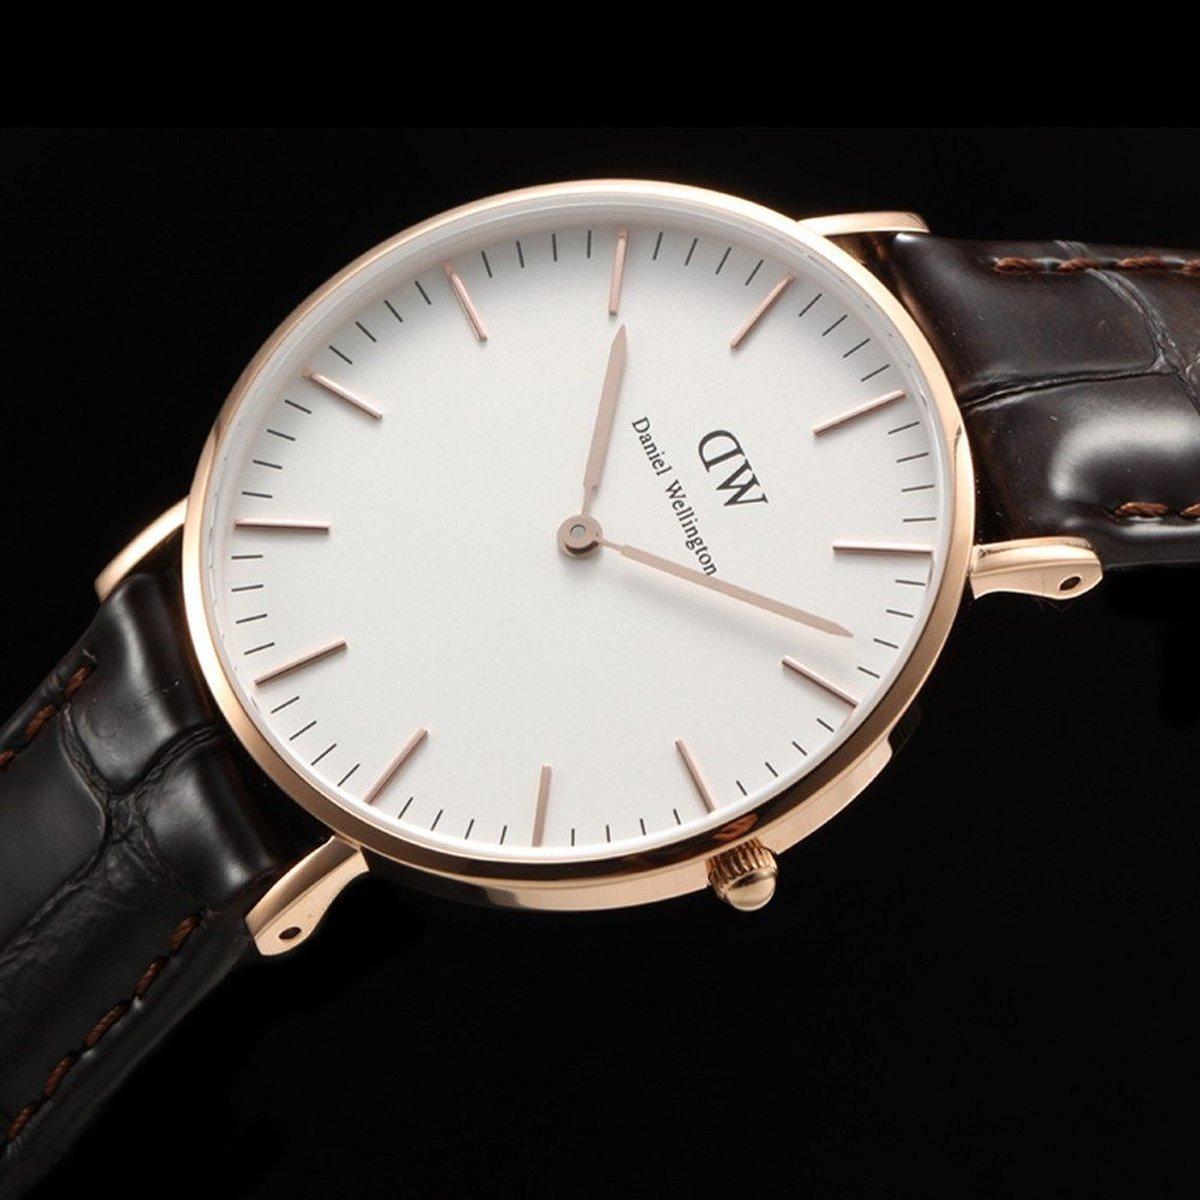 Распаковка, обзор и сравнение часов replica daniel wellington с aliexpress.